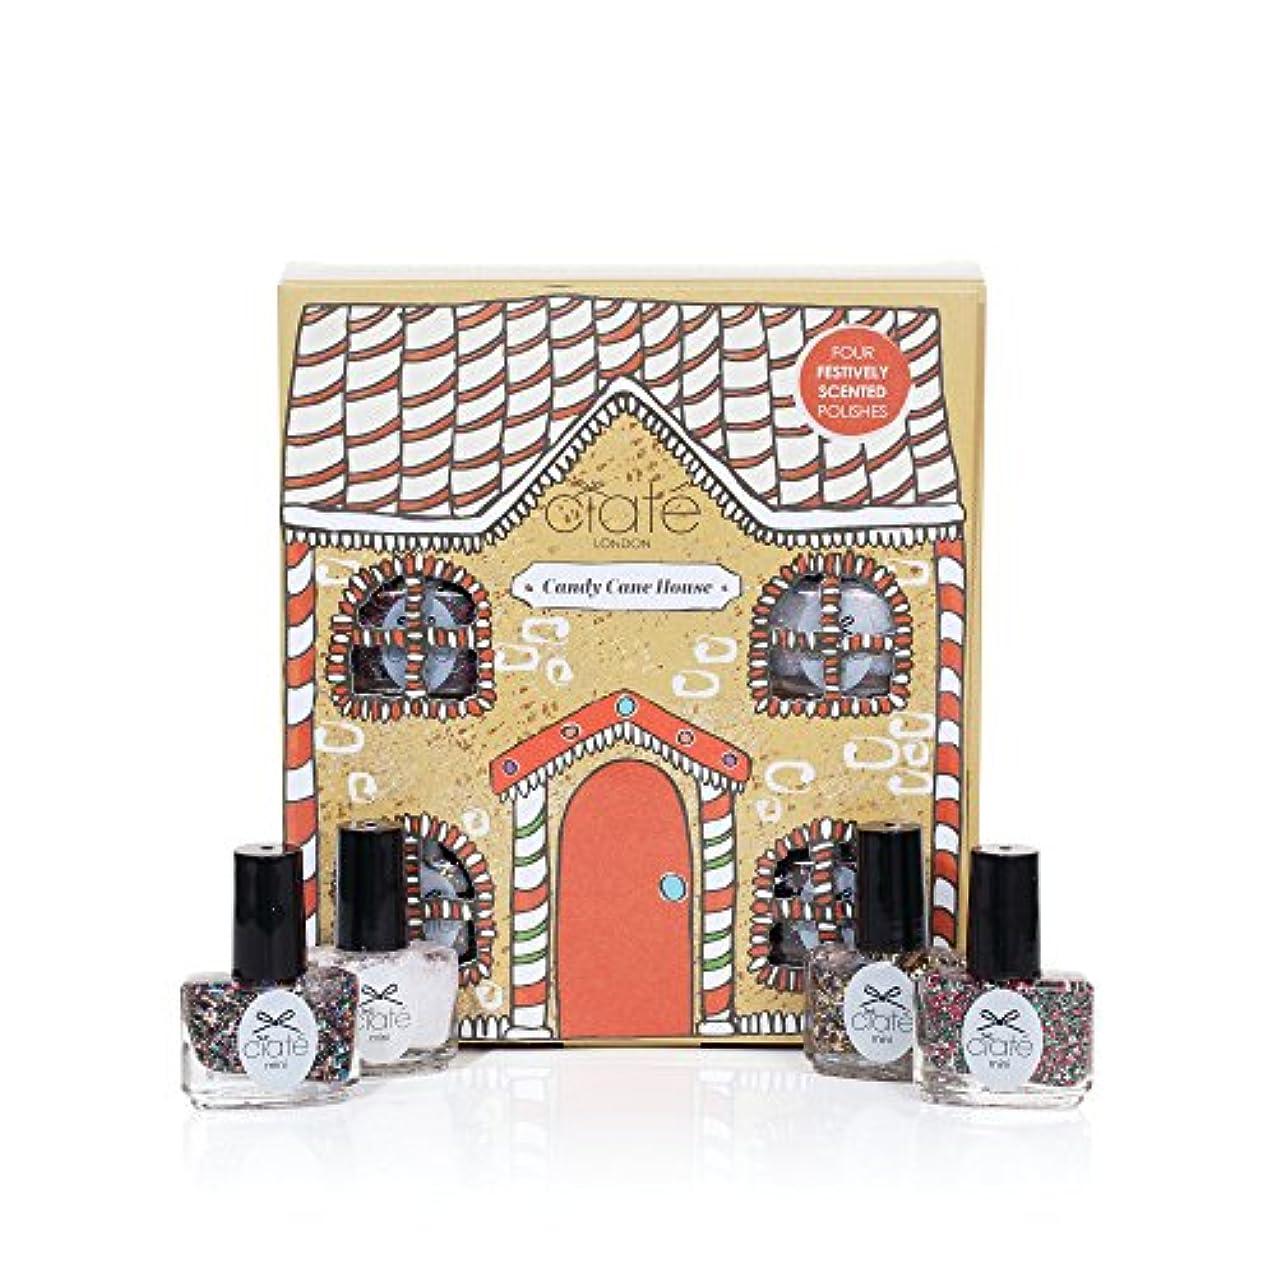 一人で期限増強Ciate London シアテロンドン キャンディーケイン ハウス Candy Cane House 香り付き ネイル ポリッシュ 5mL×4本入りセット